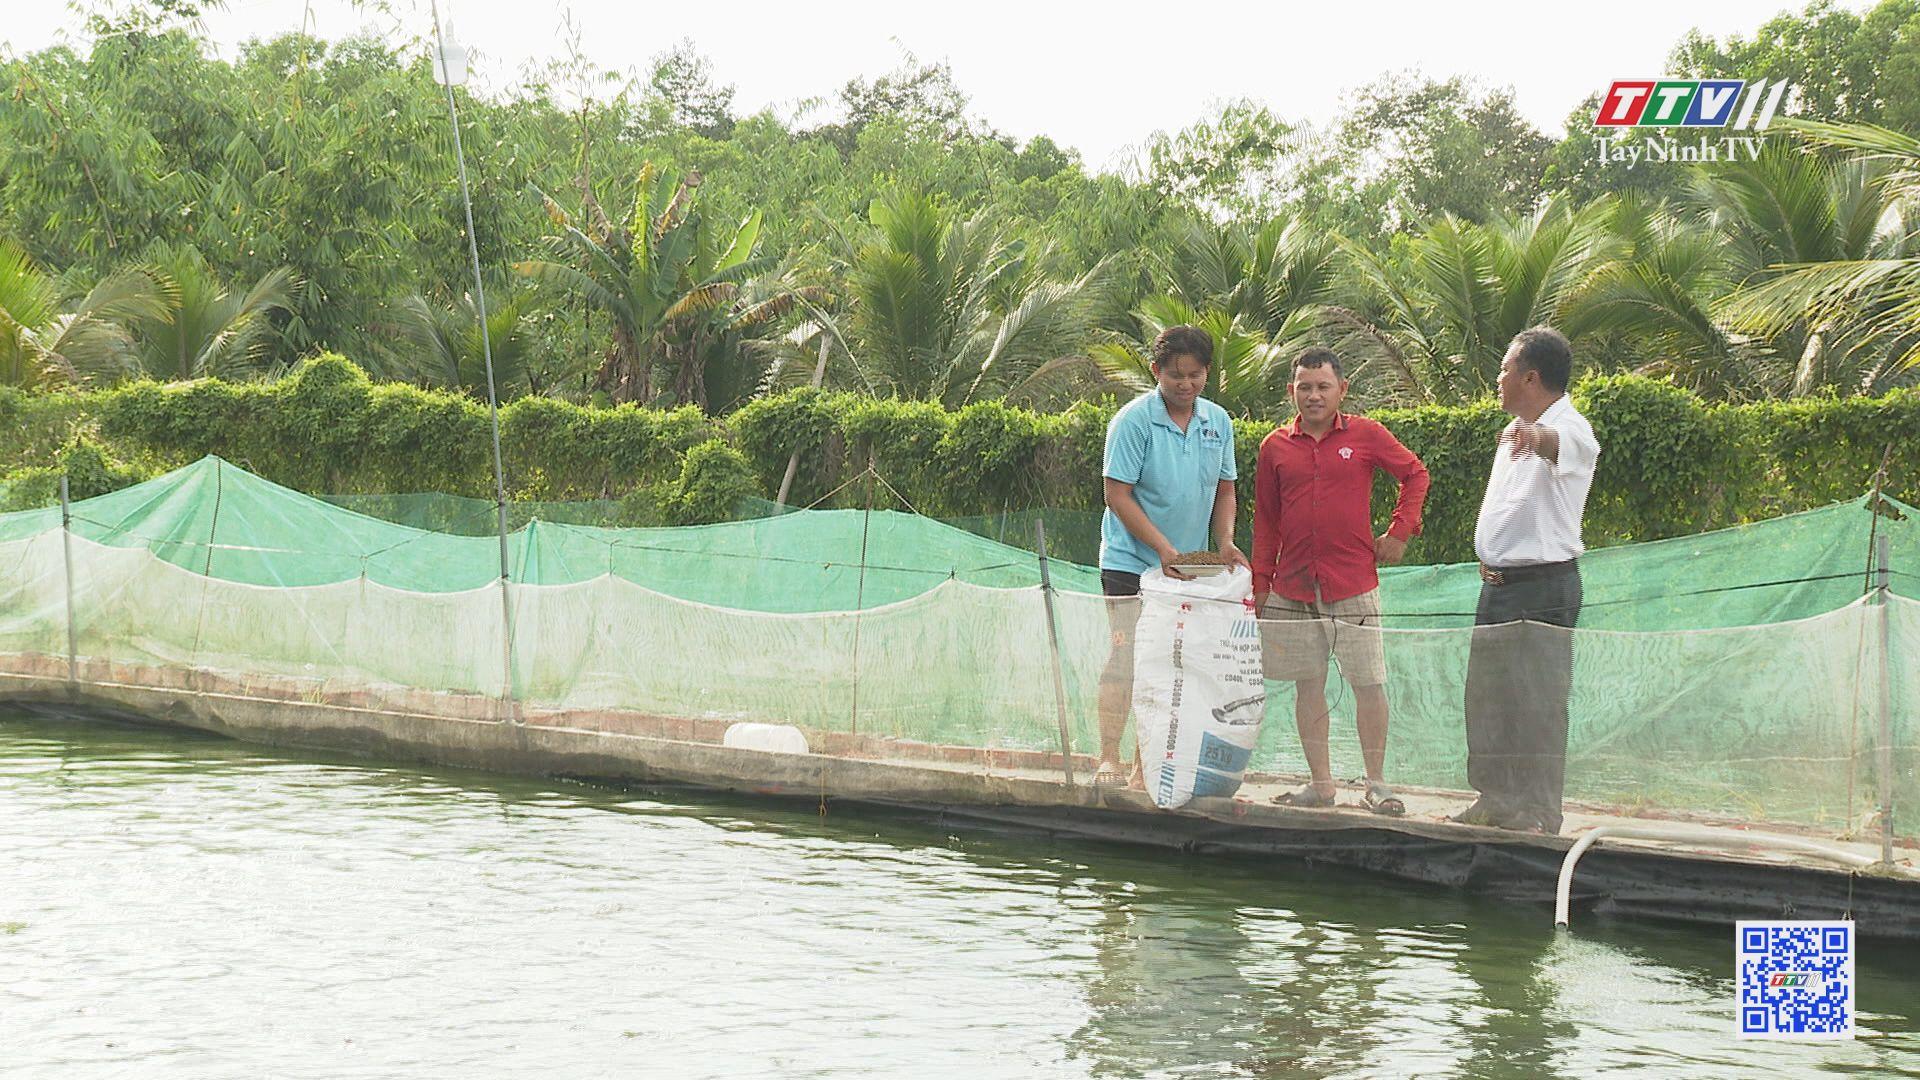 Phát huy vai trò hợp tác xã trong xây dựng nông thôn mới | TÂY NINH XÂY DỰNG NÔNG THÔN MỚI | TayNinhTV